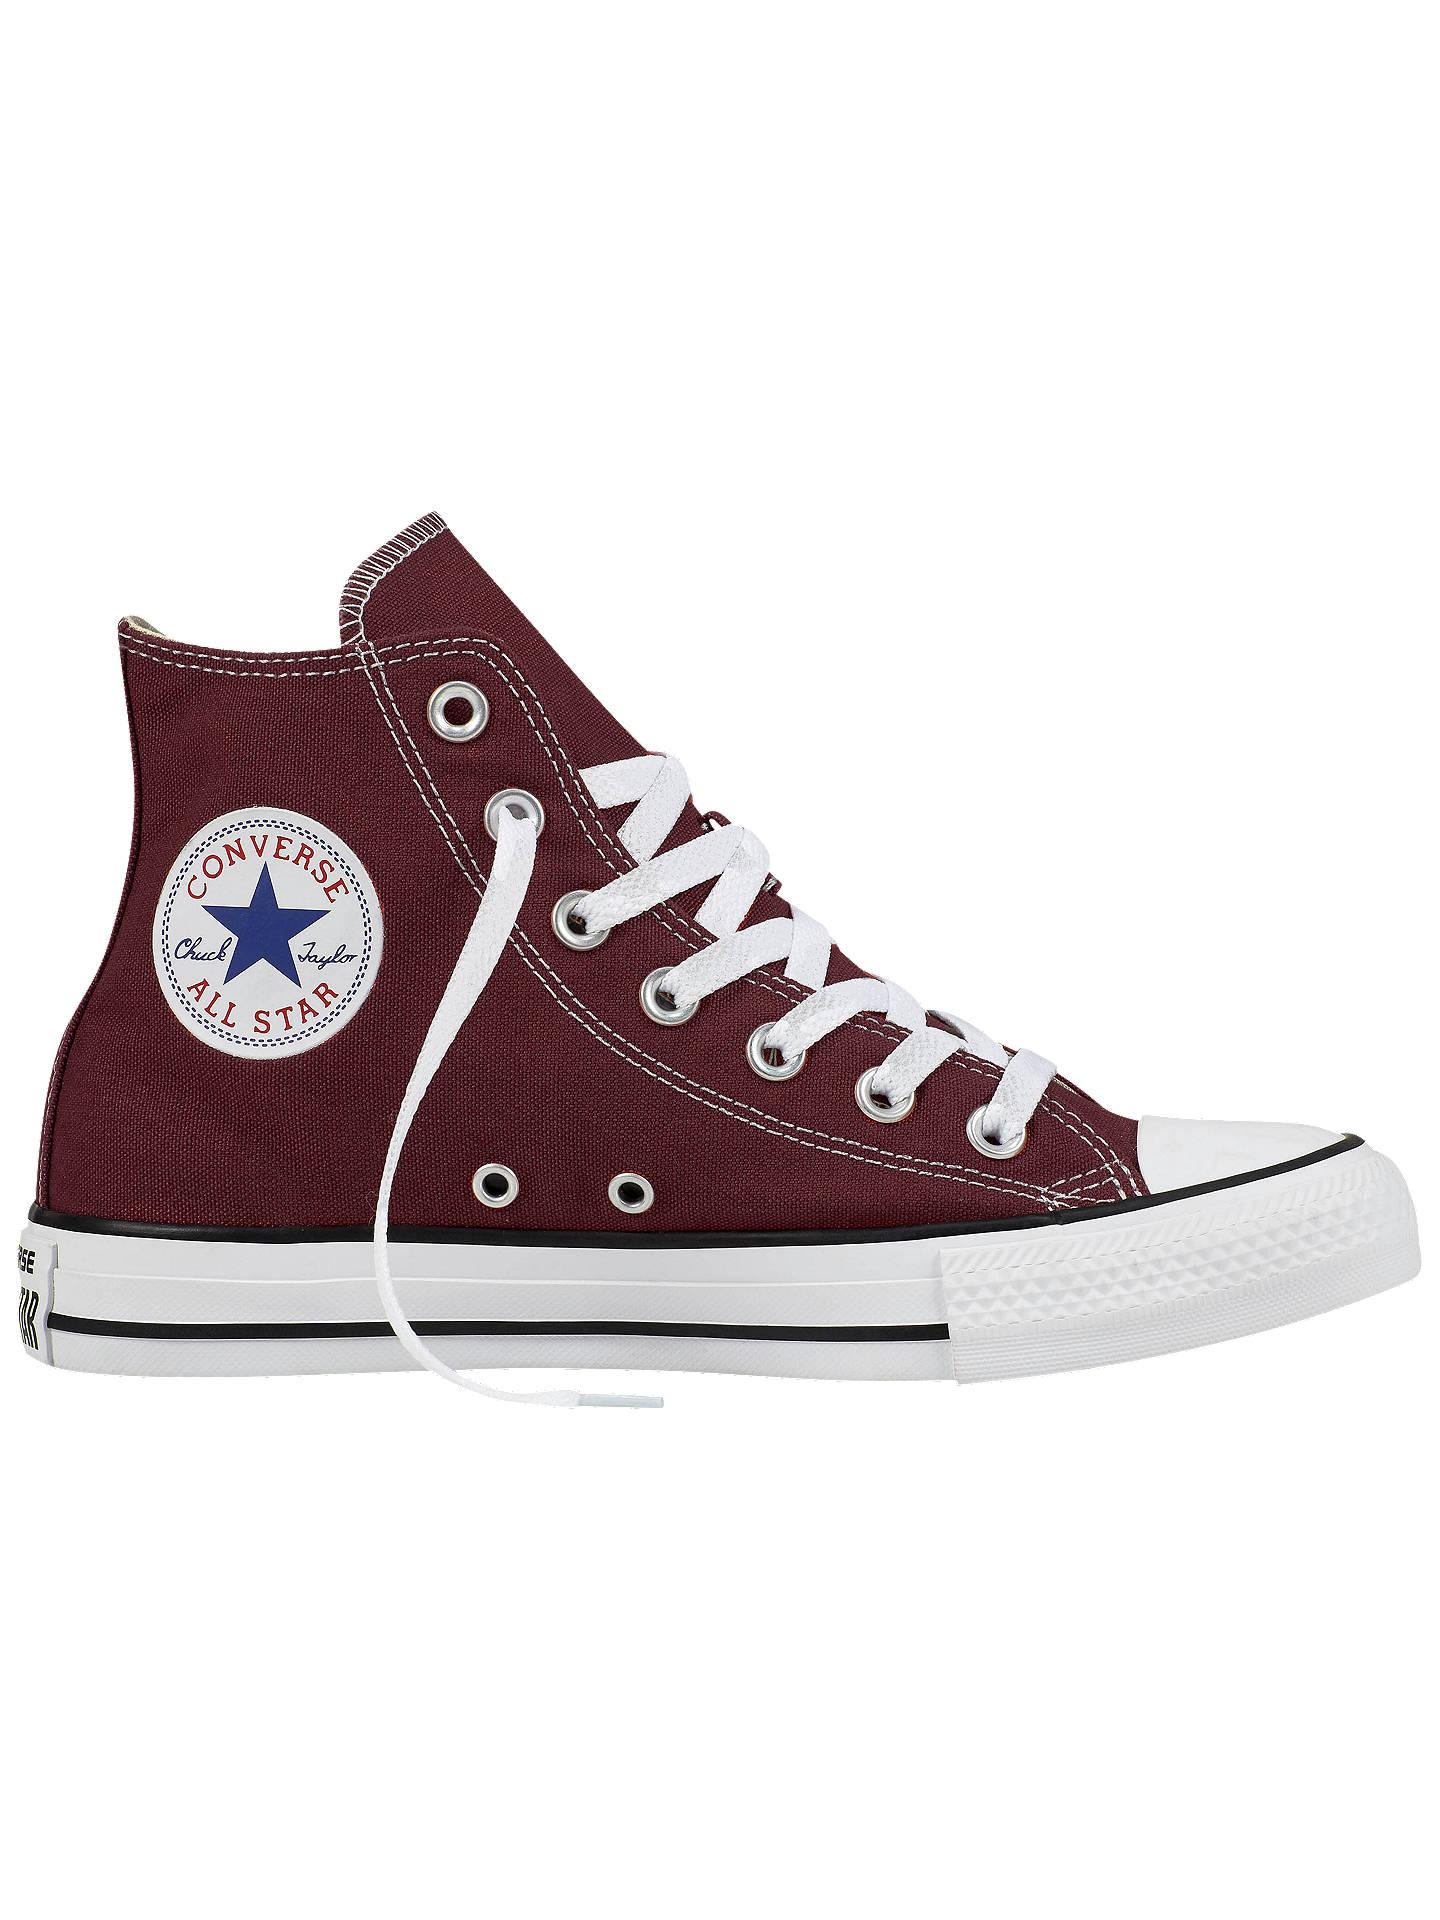 a675472318d4 Buy Converse Chuck Taylor Hi-Top Trainers